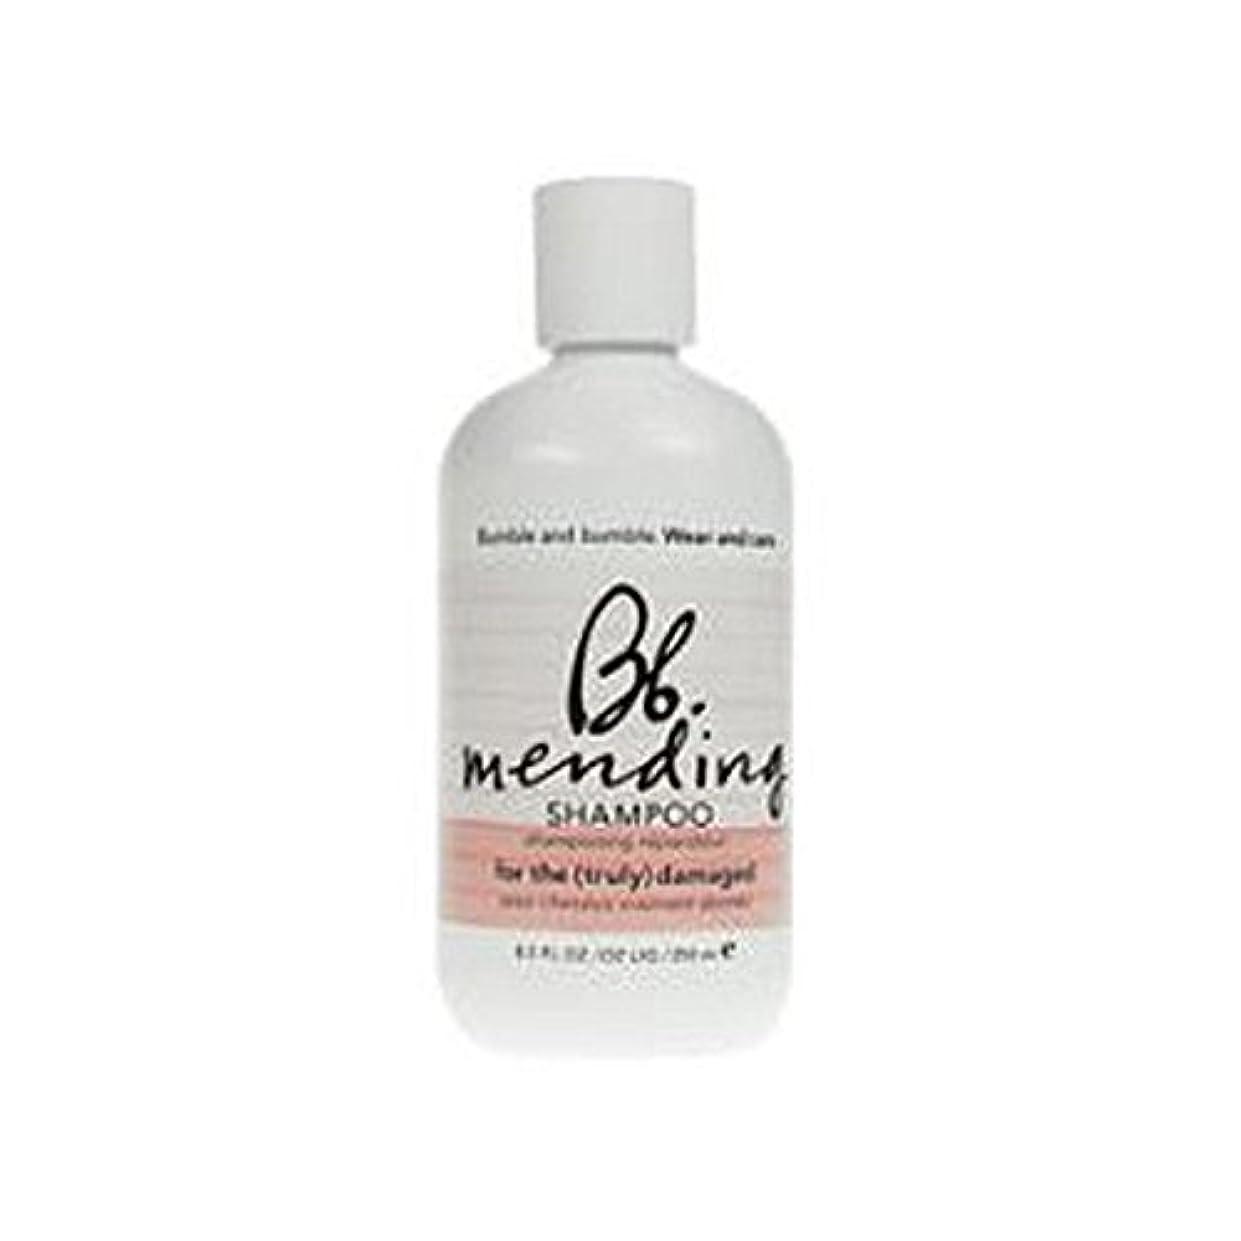 無法者サイレント水を飲む着用し、補修シャンプー(250ミリリットル)を気に x4 - Bb Wear And Care Mending Shampoo (250ml) (Pack of 4) [並行輸入品]